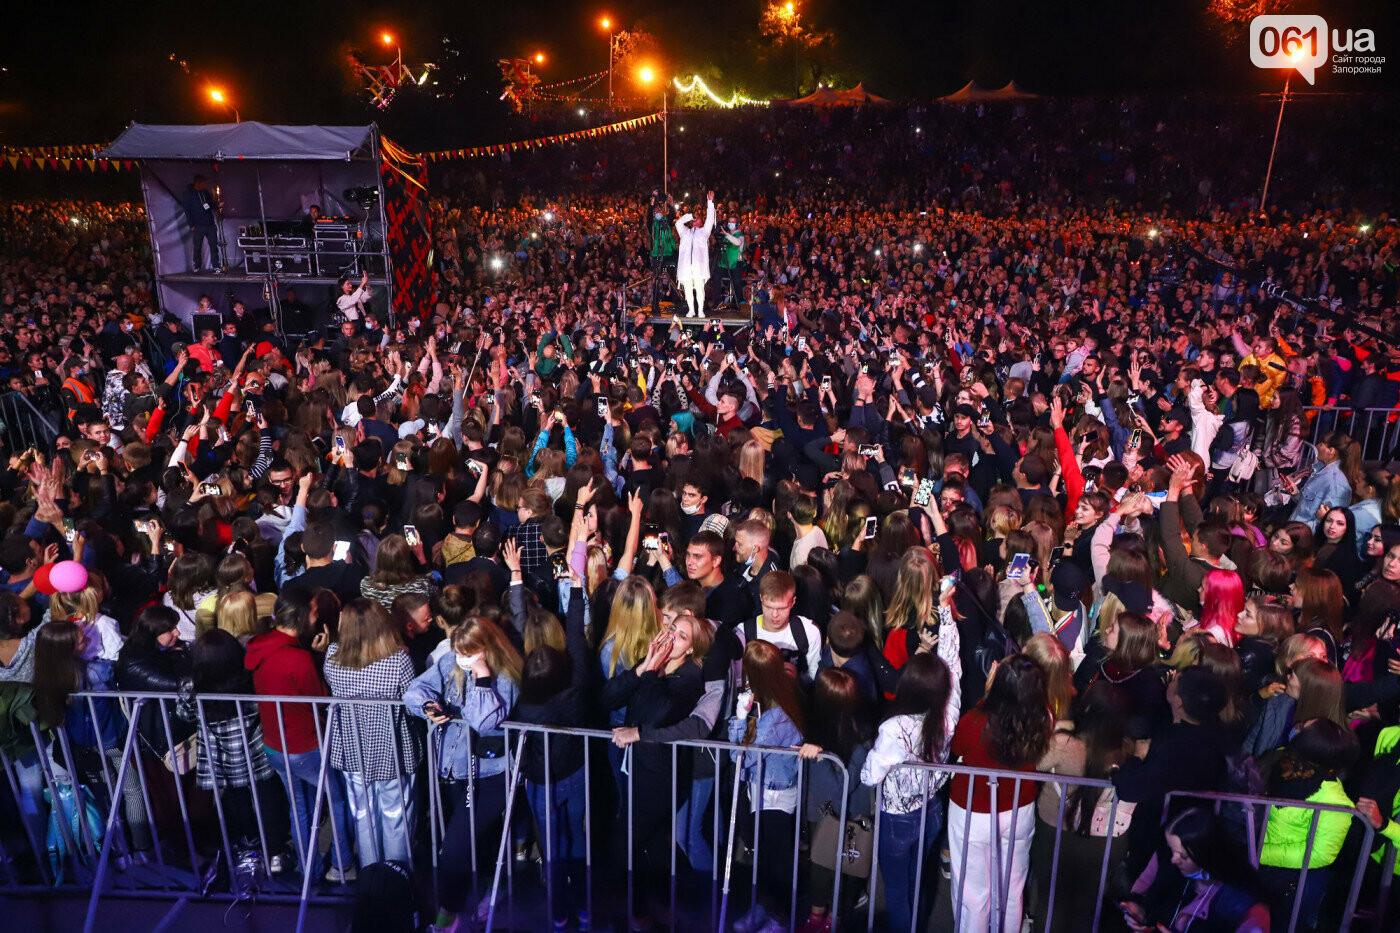 """""""Извините, это просто трэш"""" - министр здравоохранения прокомментировал проведение запорожского фестиваля Khortytsia Freedom, фото-2"""